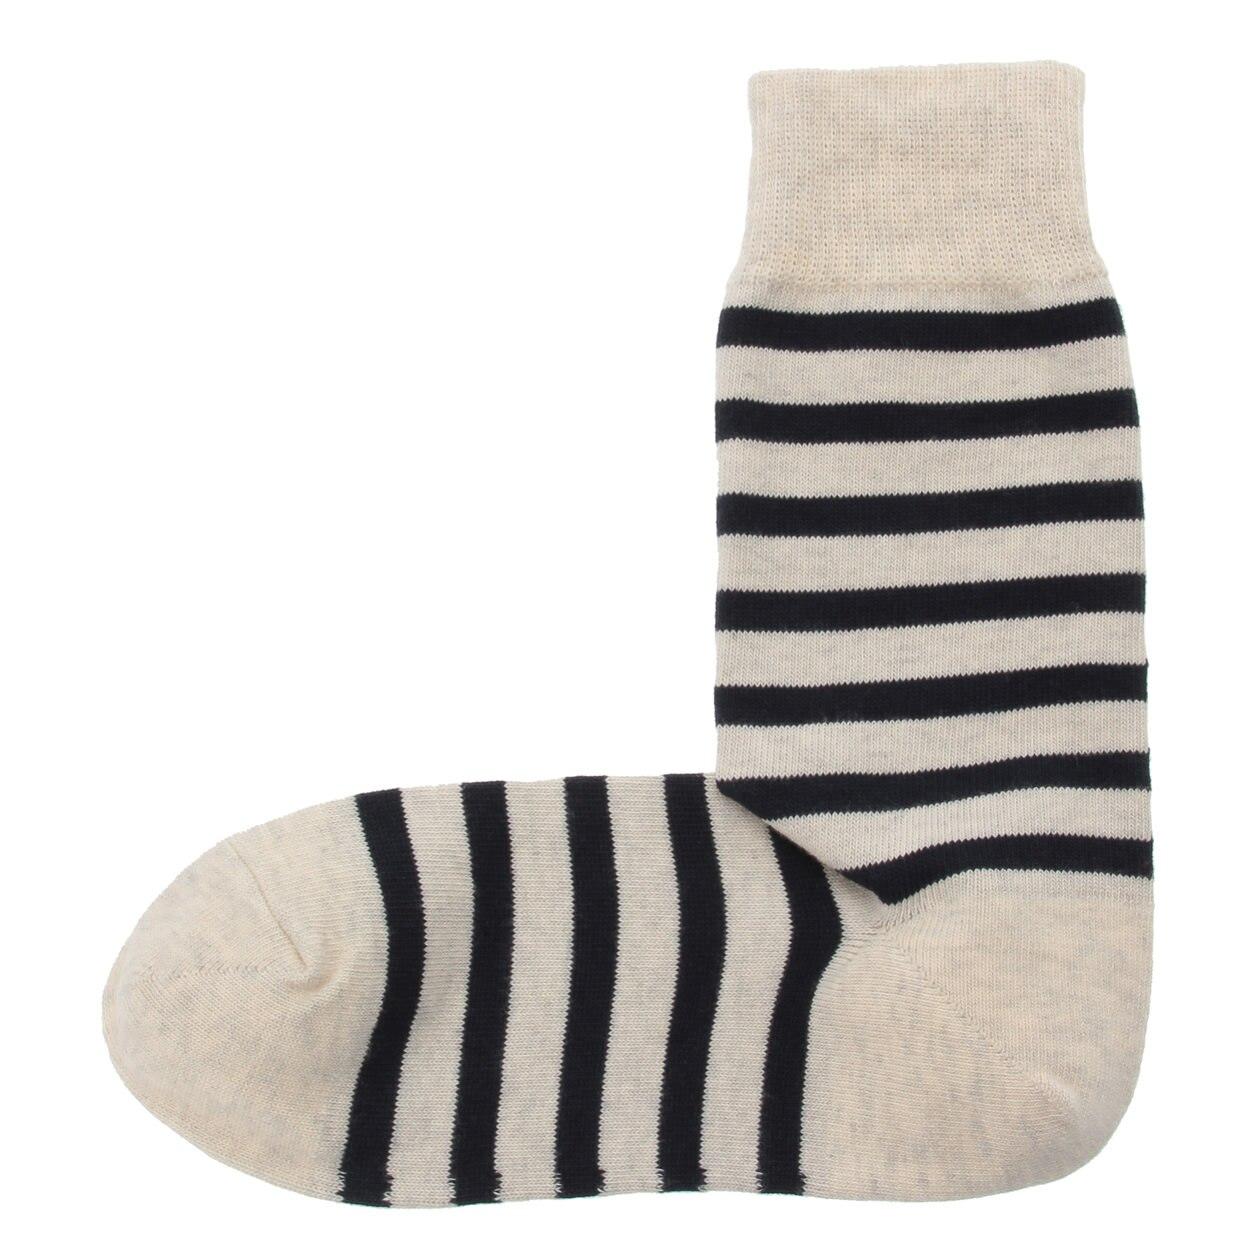 オーガニックコットン混足なり直角 ワイドボーダー柄靴下(紳士・えらべる)